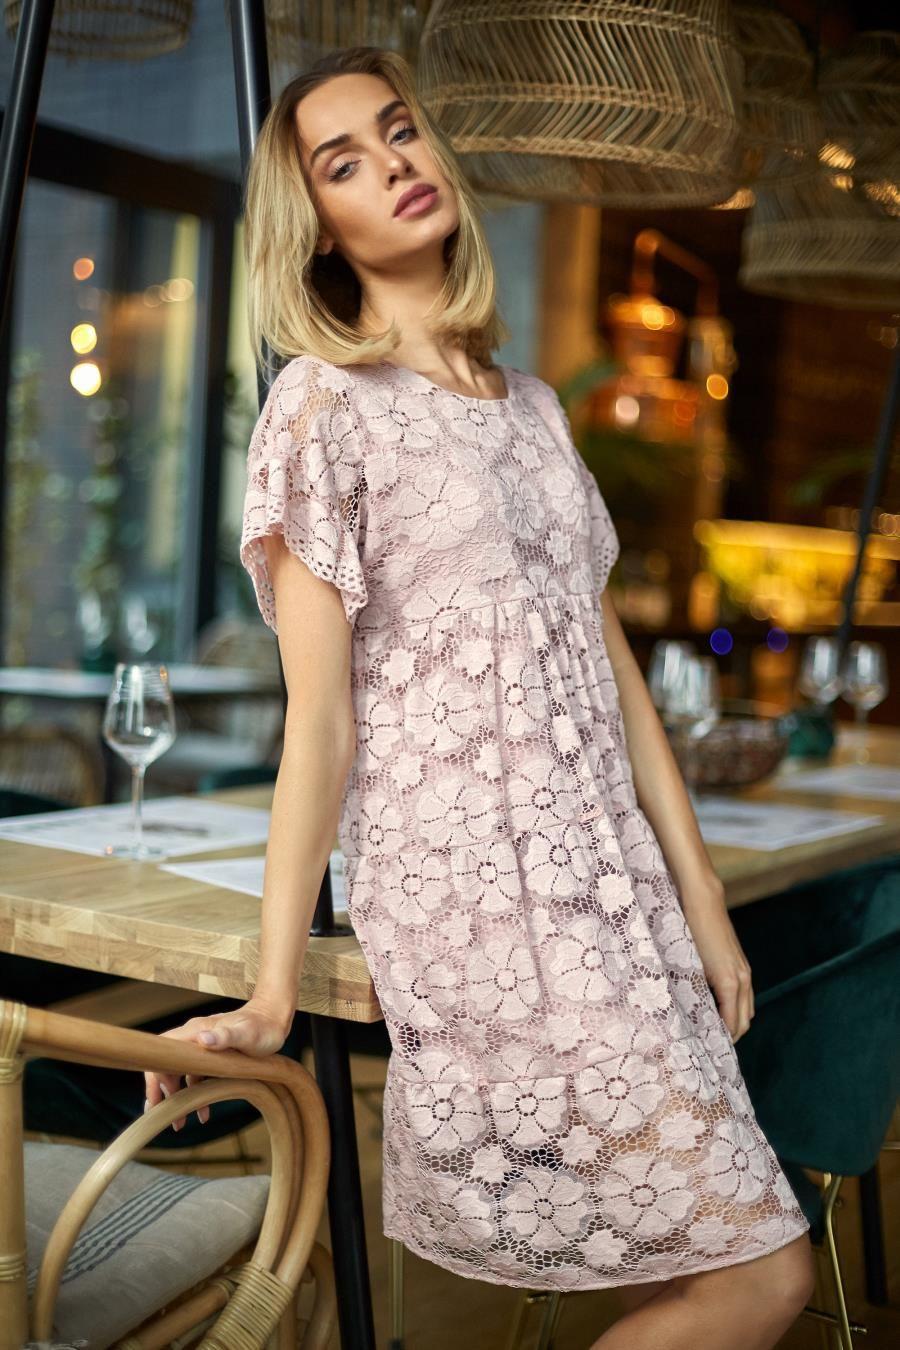 d4613a57b3 Trapezowa Sukienka ze Zwiewnej Koronki Różowa MO430 w 2019 ...